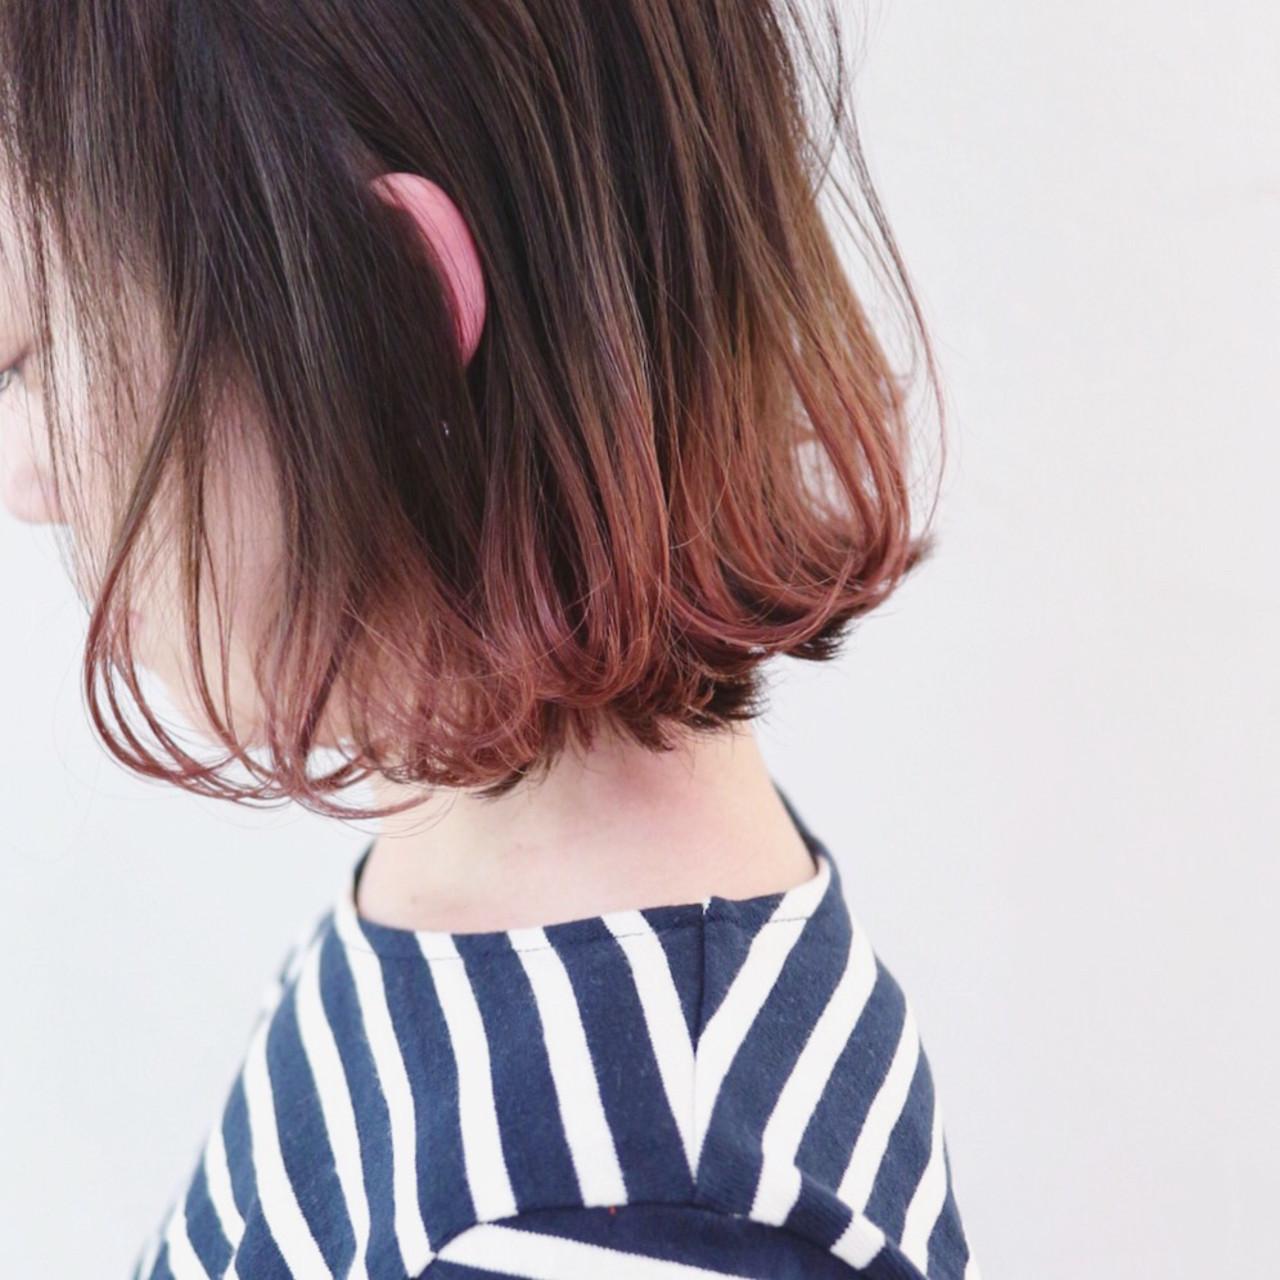 アンニュイほつれヘア ストリート グラデーションカラー パーマ ヘアスタイルや髪型の写真・画像 | 三好 佳奈美 / Baco.(バコ)